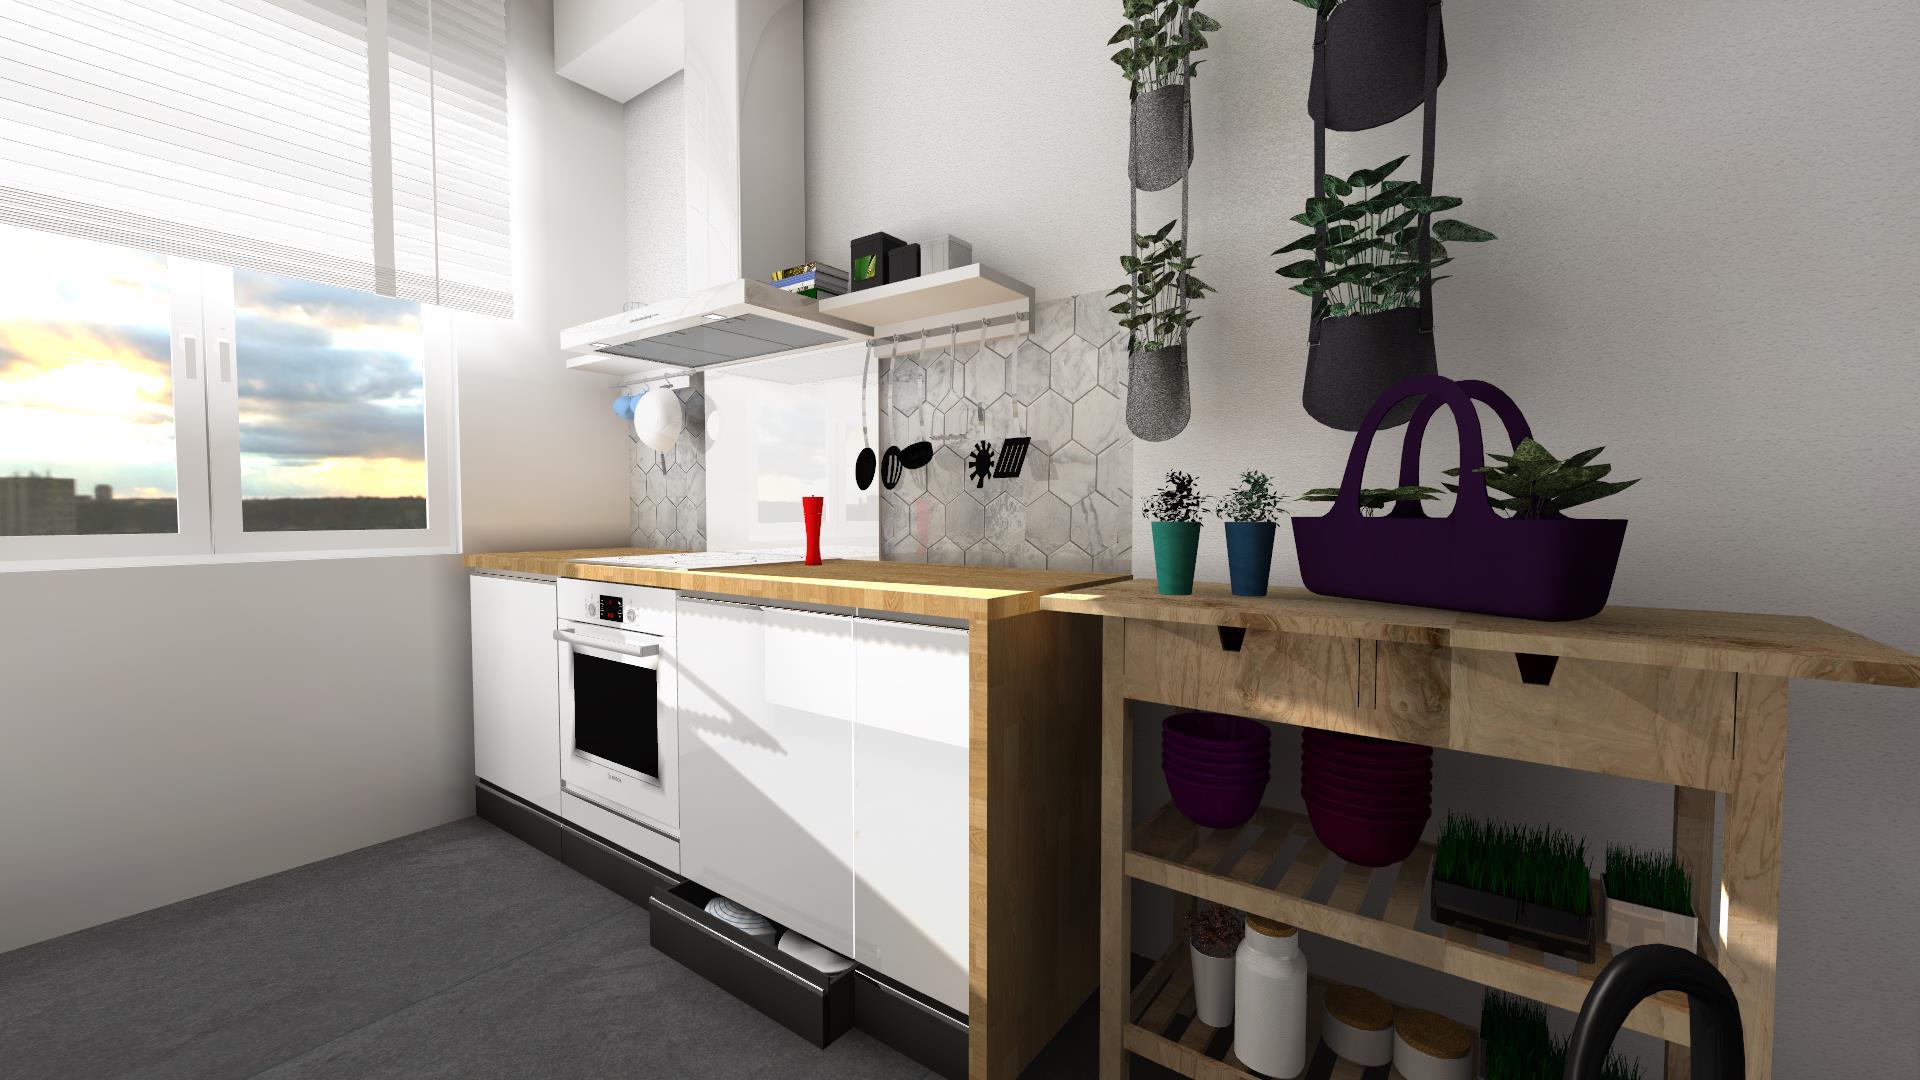 Sprytne rozwiązania w małych kuchniach  Funkcjonalna